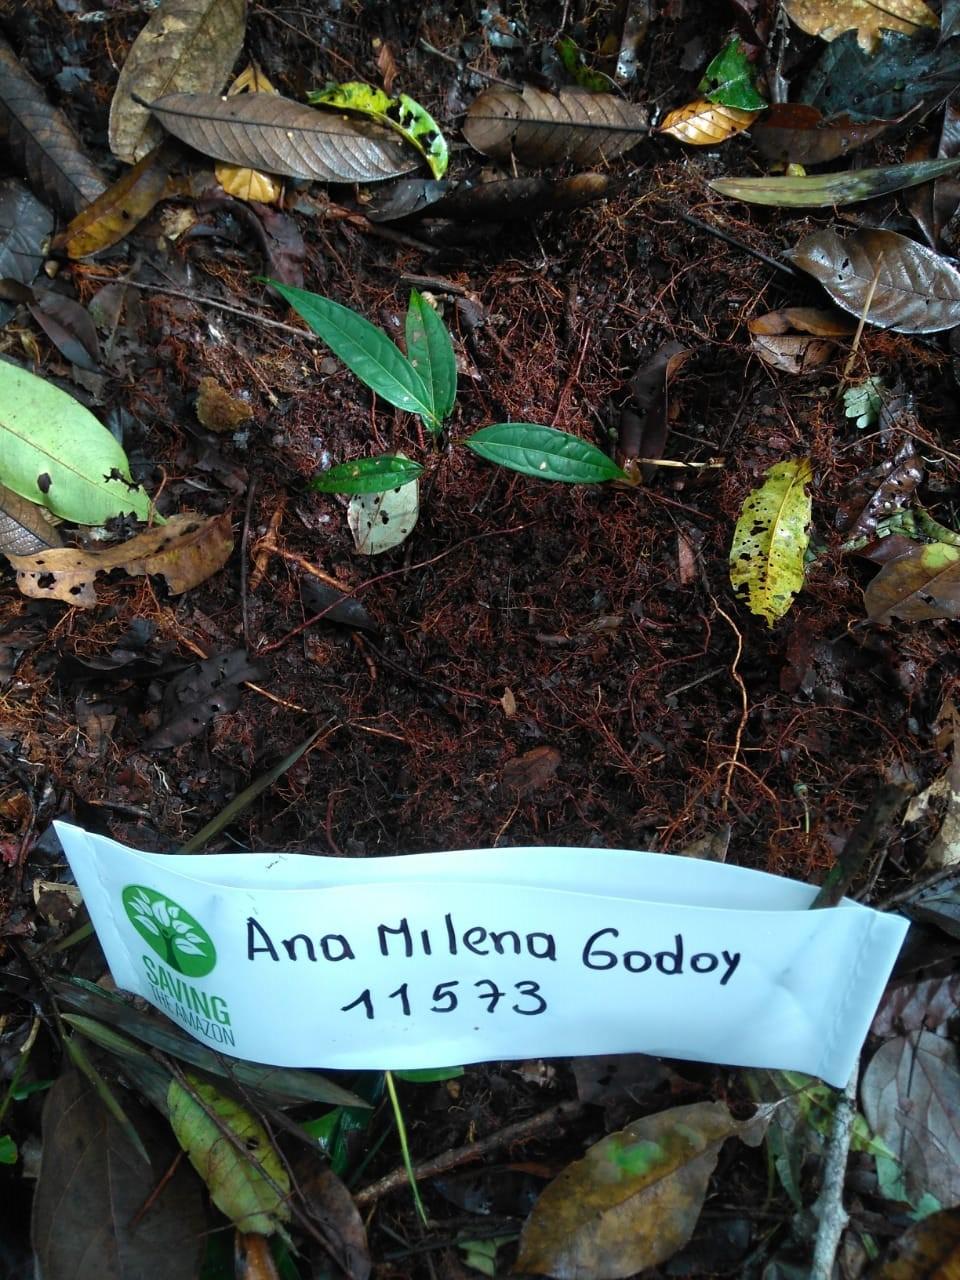 Ana milena godoy